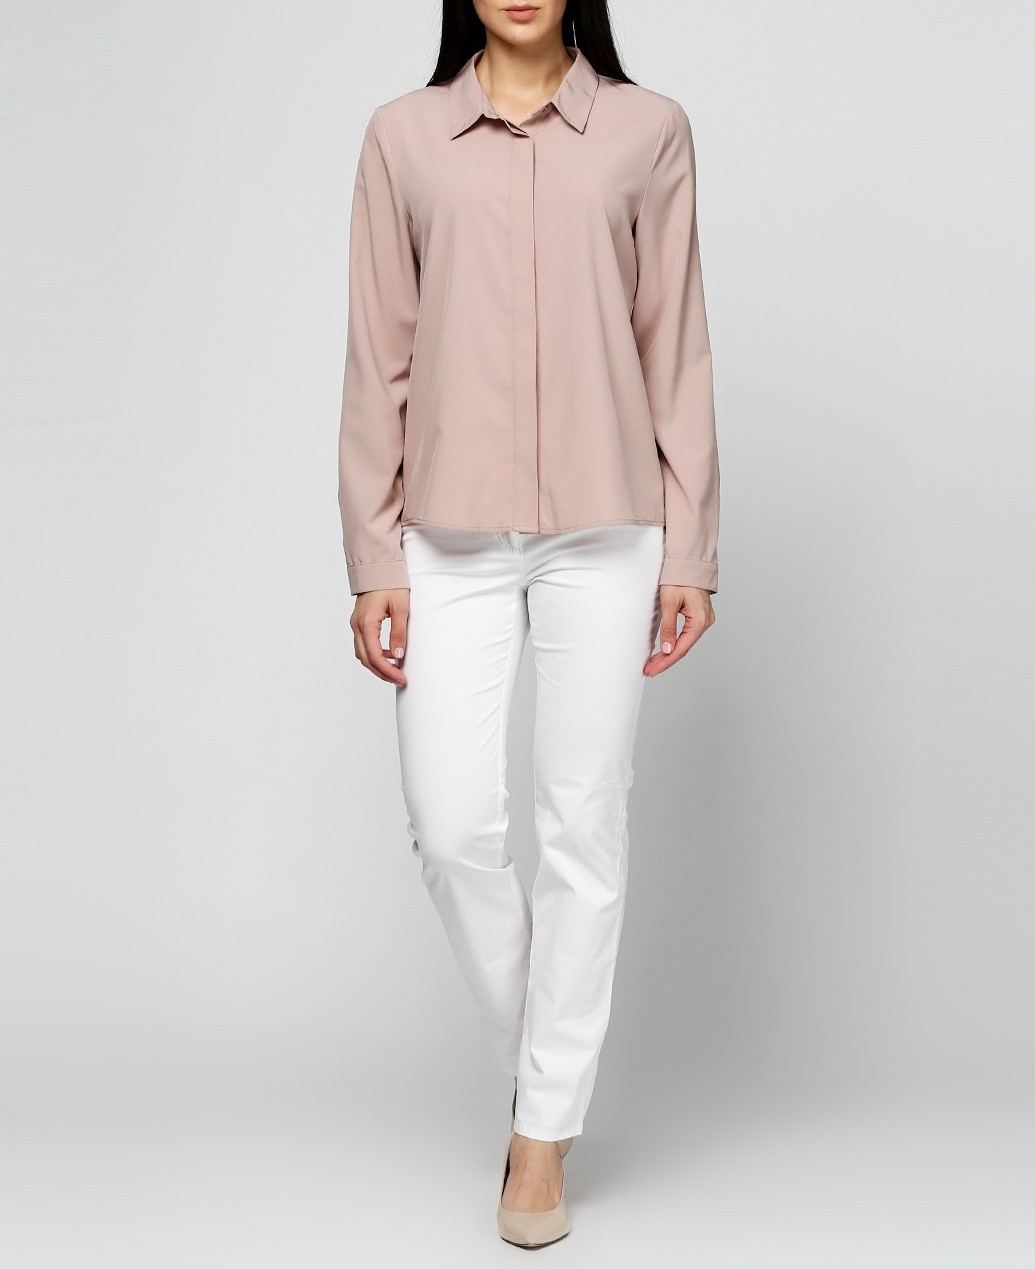 Женские брюки Gerry Weber 40R Белый (2900055521018), фото 1